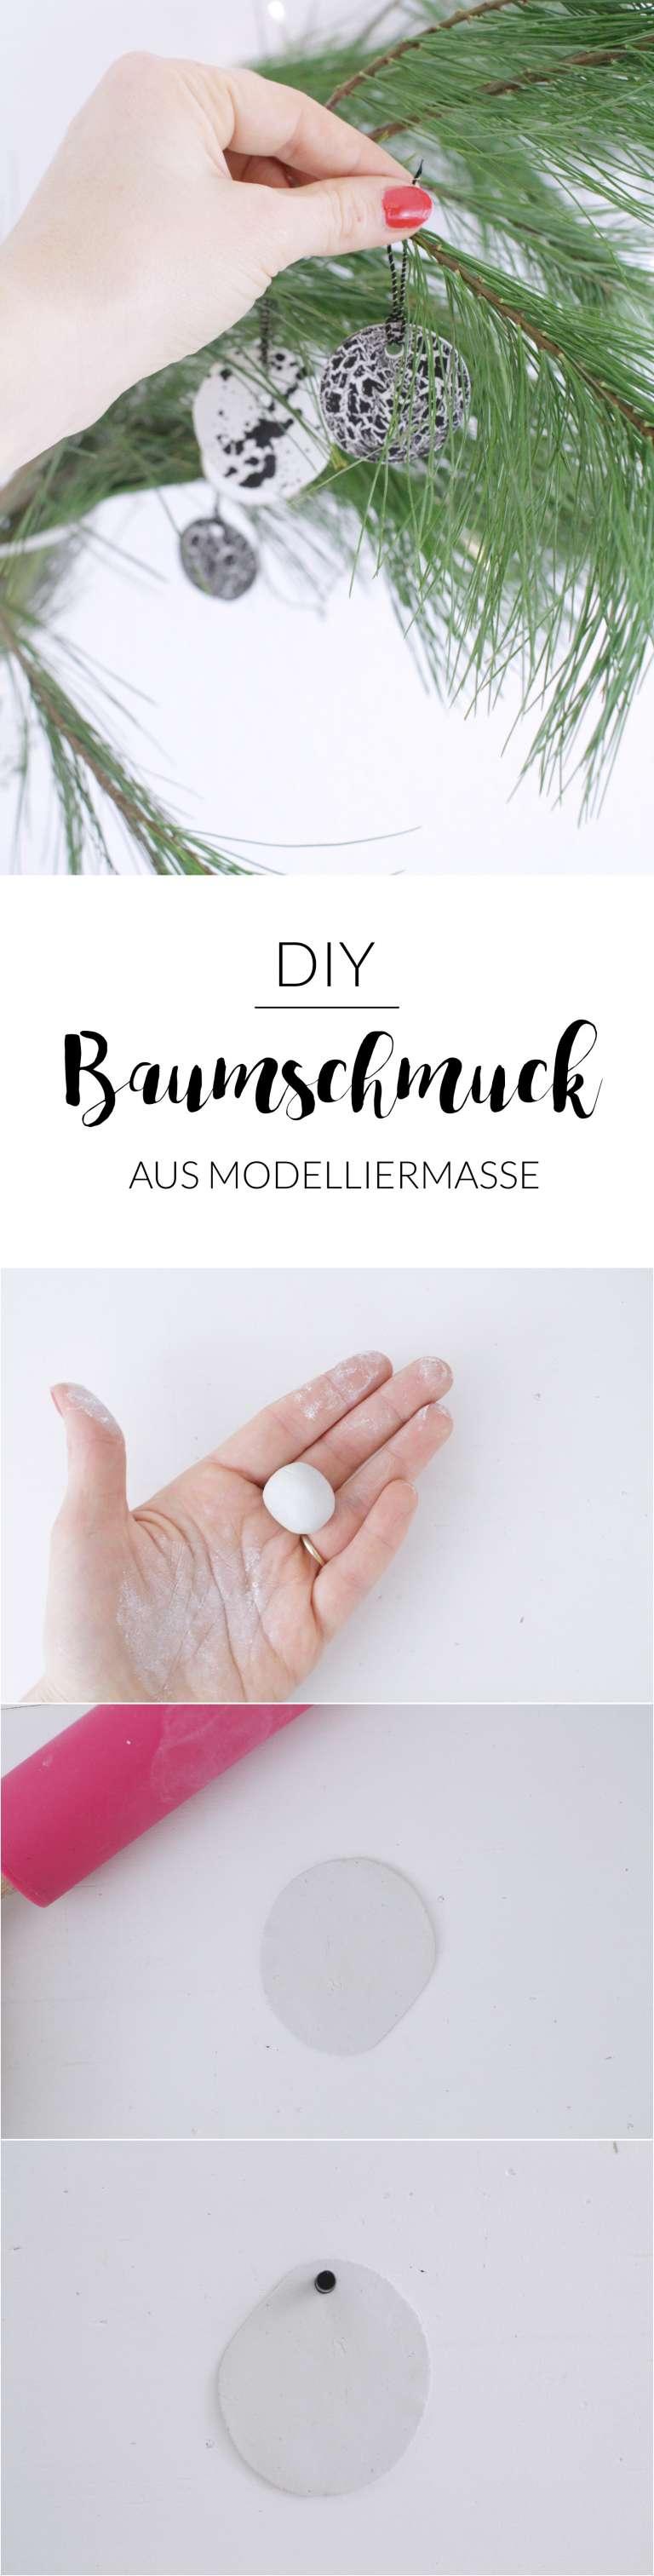 Diy Anleitung Baumschmuck Anhaenger Modelliermasse Schwarz Weiss Weihnachten Paulsvera